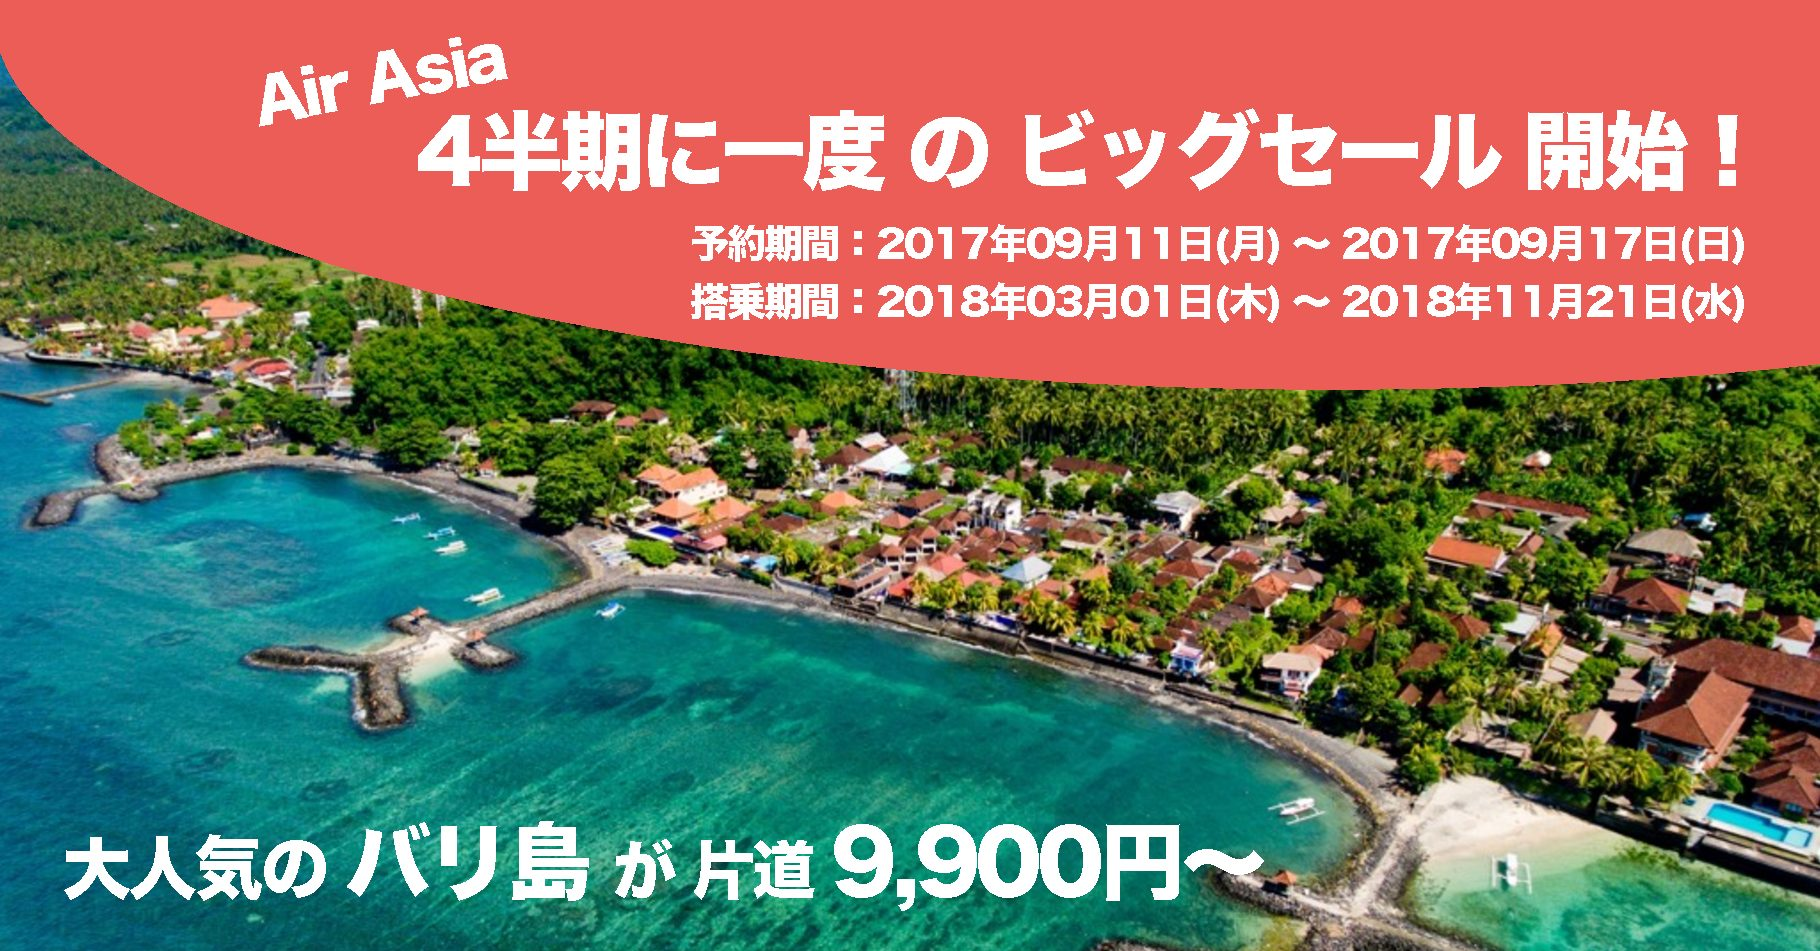 エアアジアが4半期に一度のビッグセールを開始!いま大人気のバリ島へお得に旅しよう